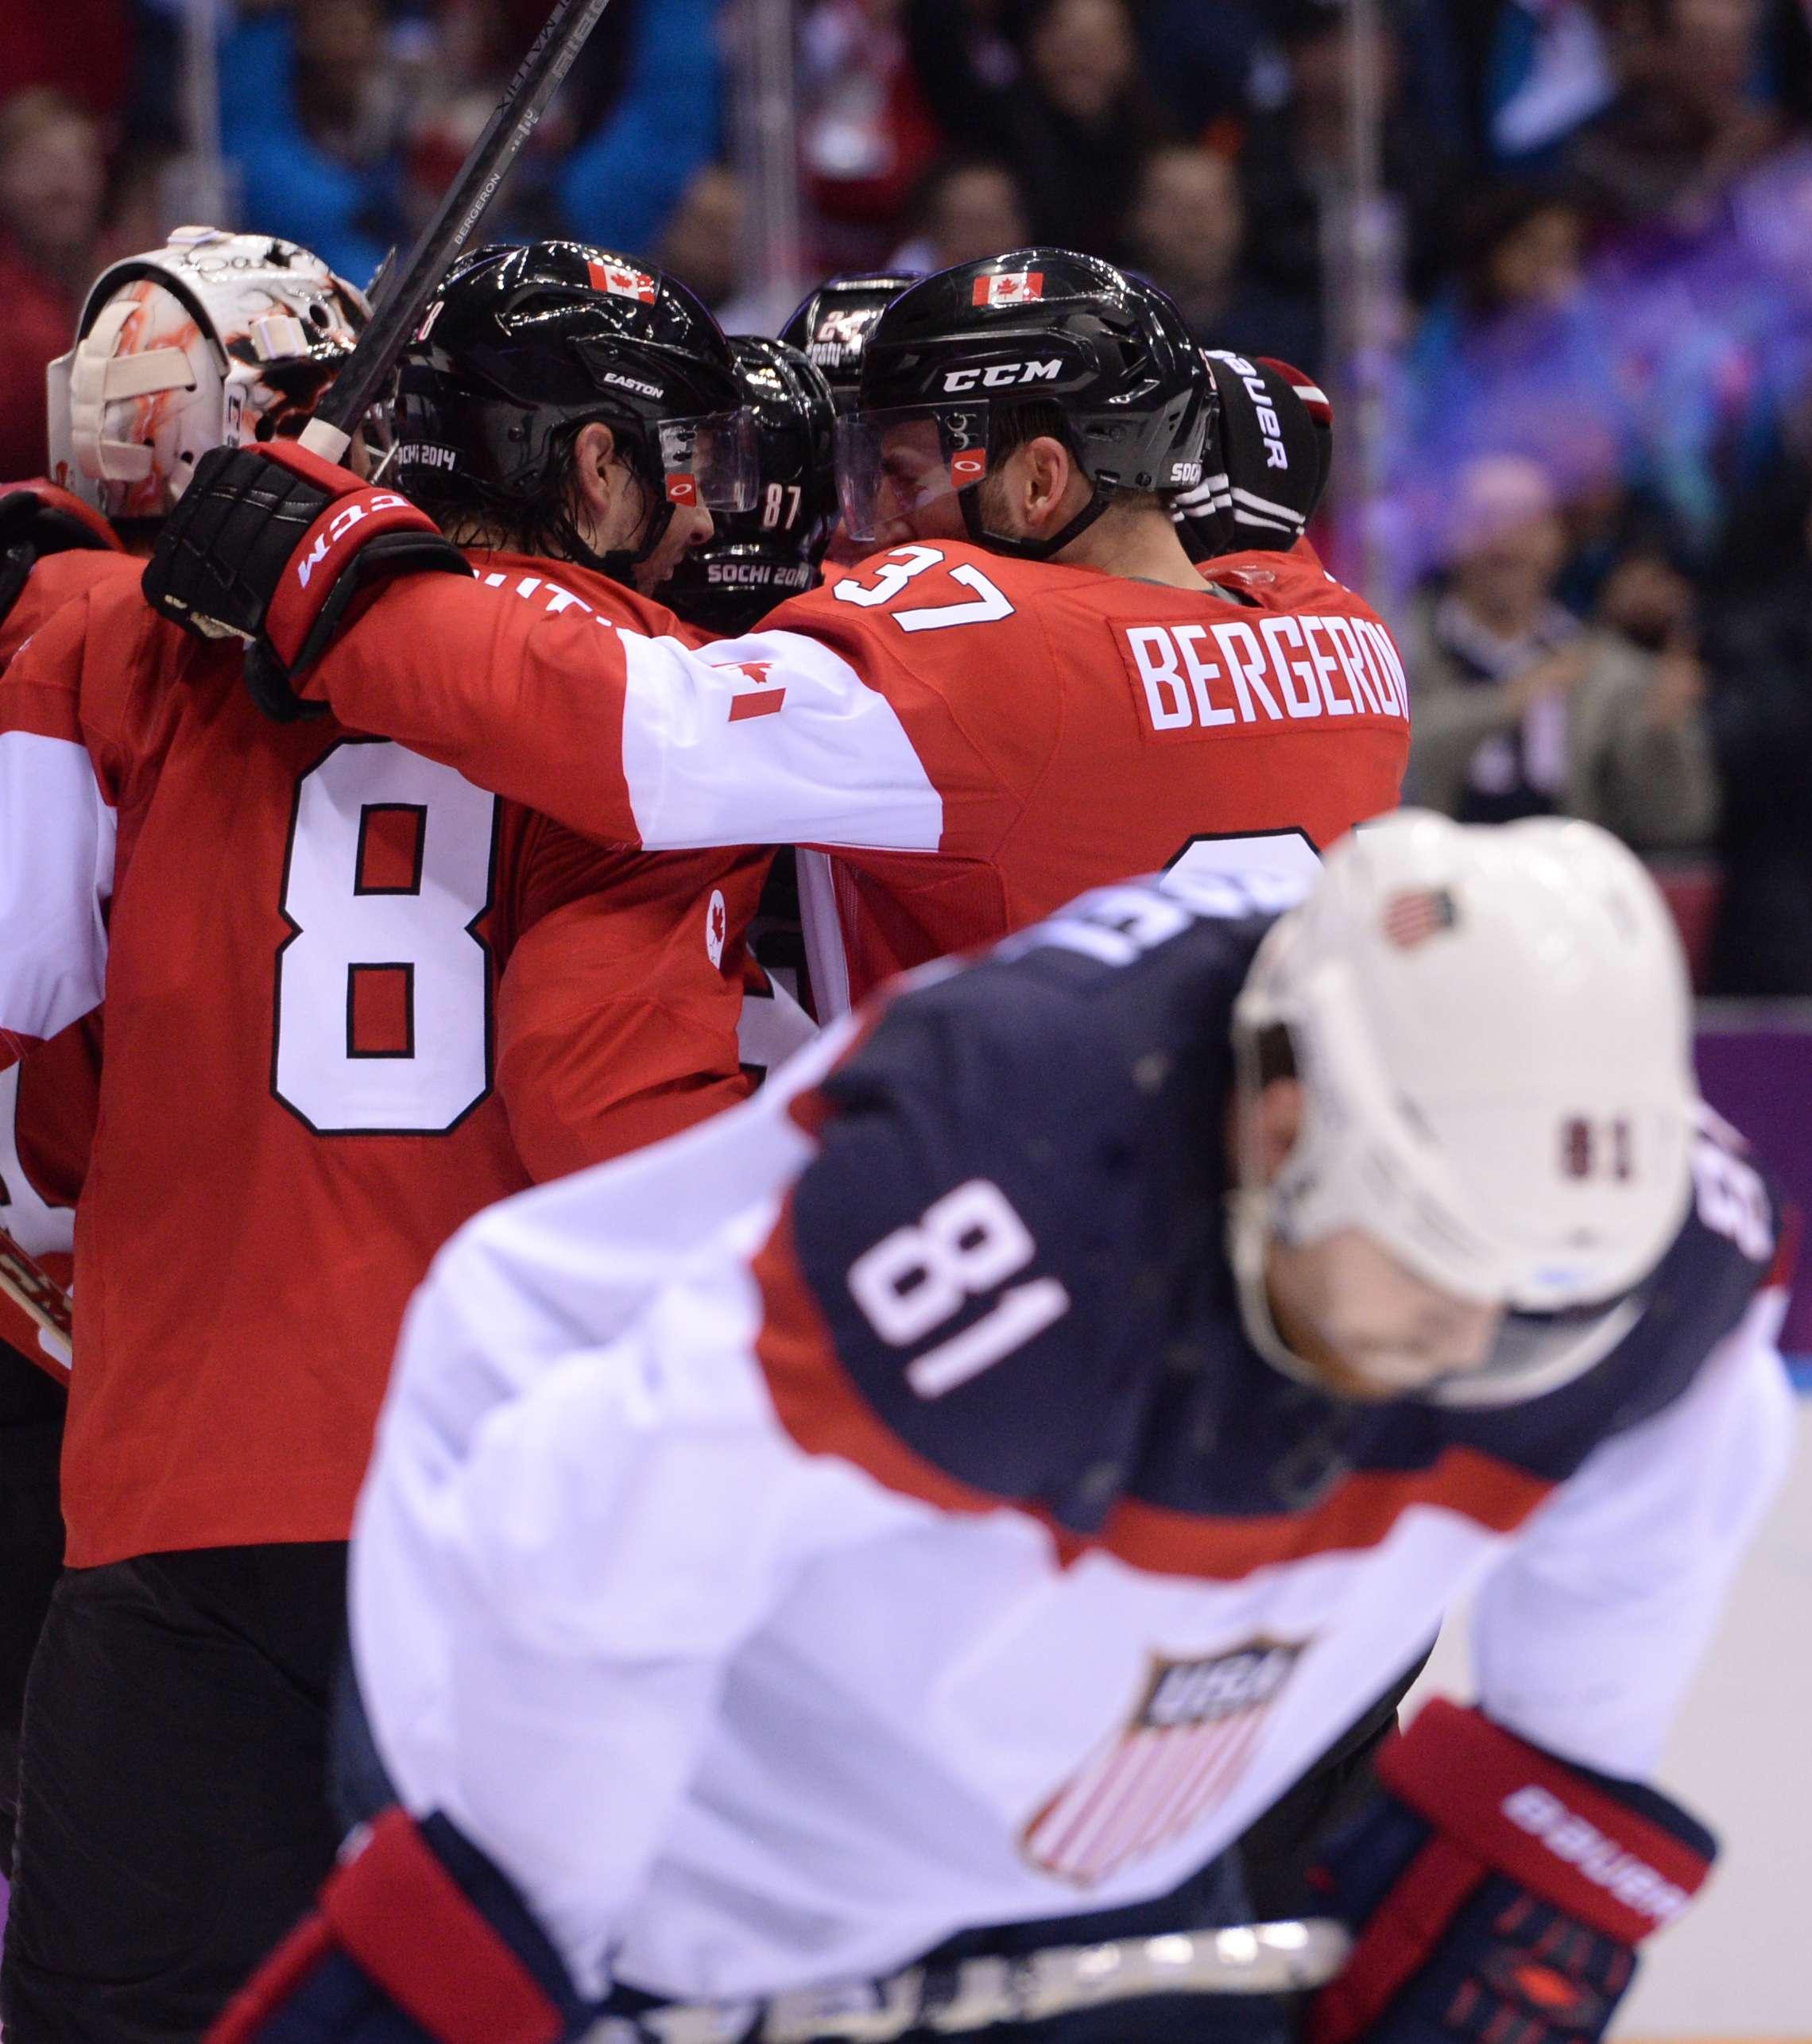 Canadá y Suecia lucharán por el oro en el hockey masculino